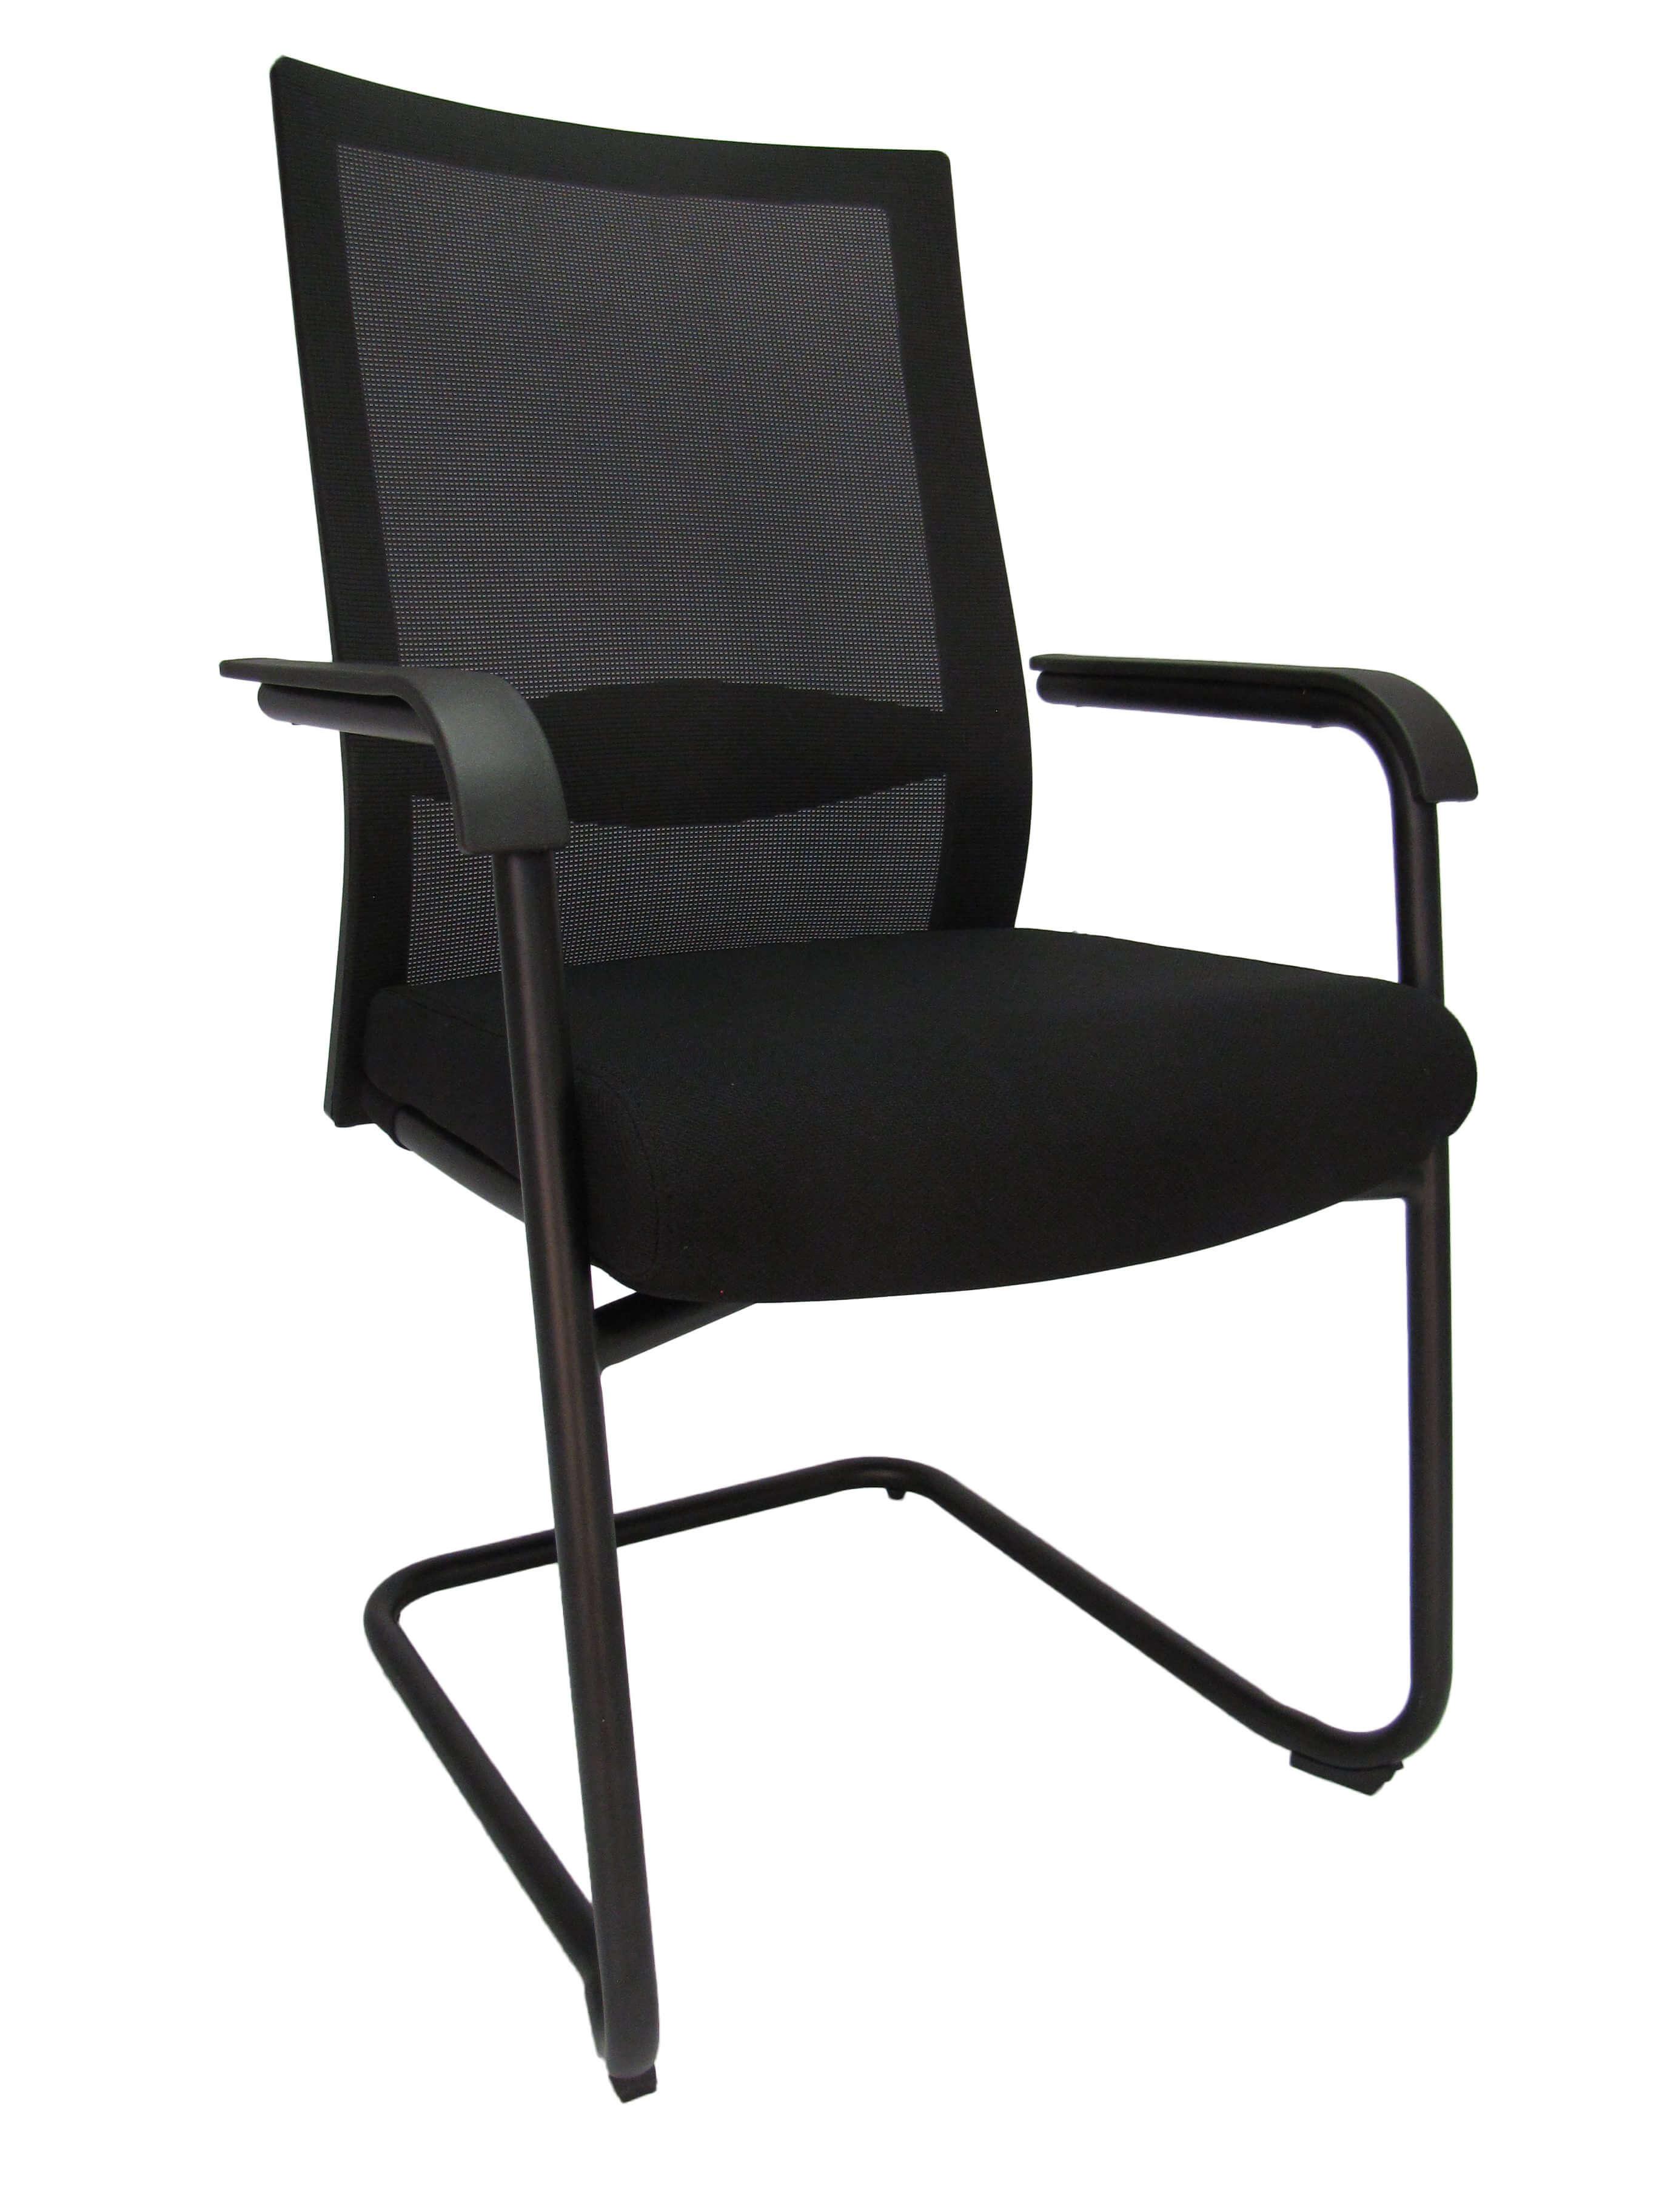 Konferencinė kėdė Tango su tinklelio atlošu ir minkštai apmušta sėdyne.